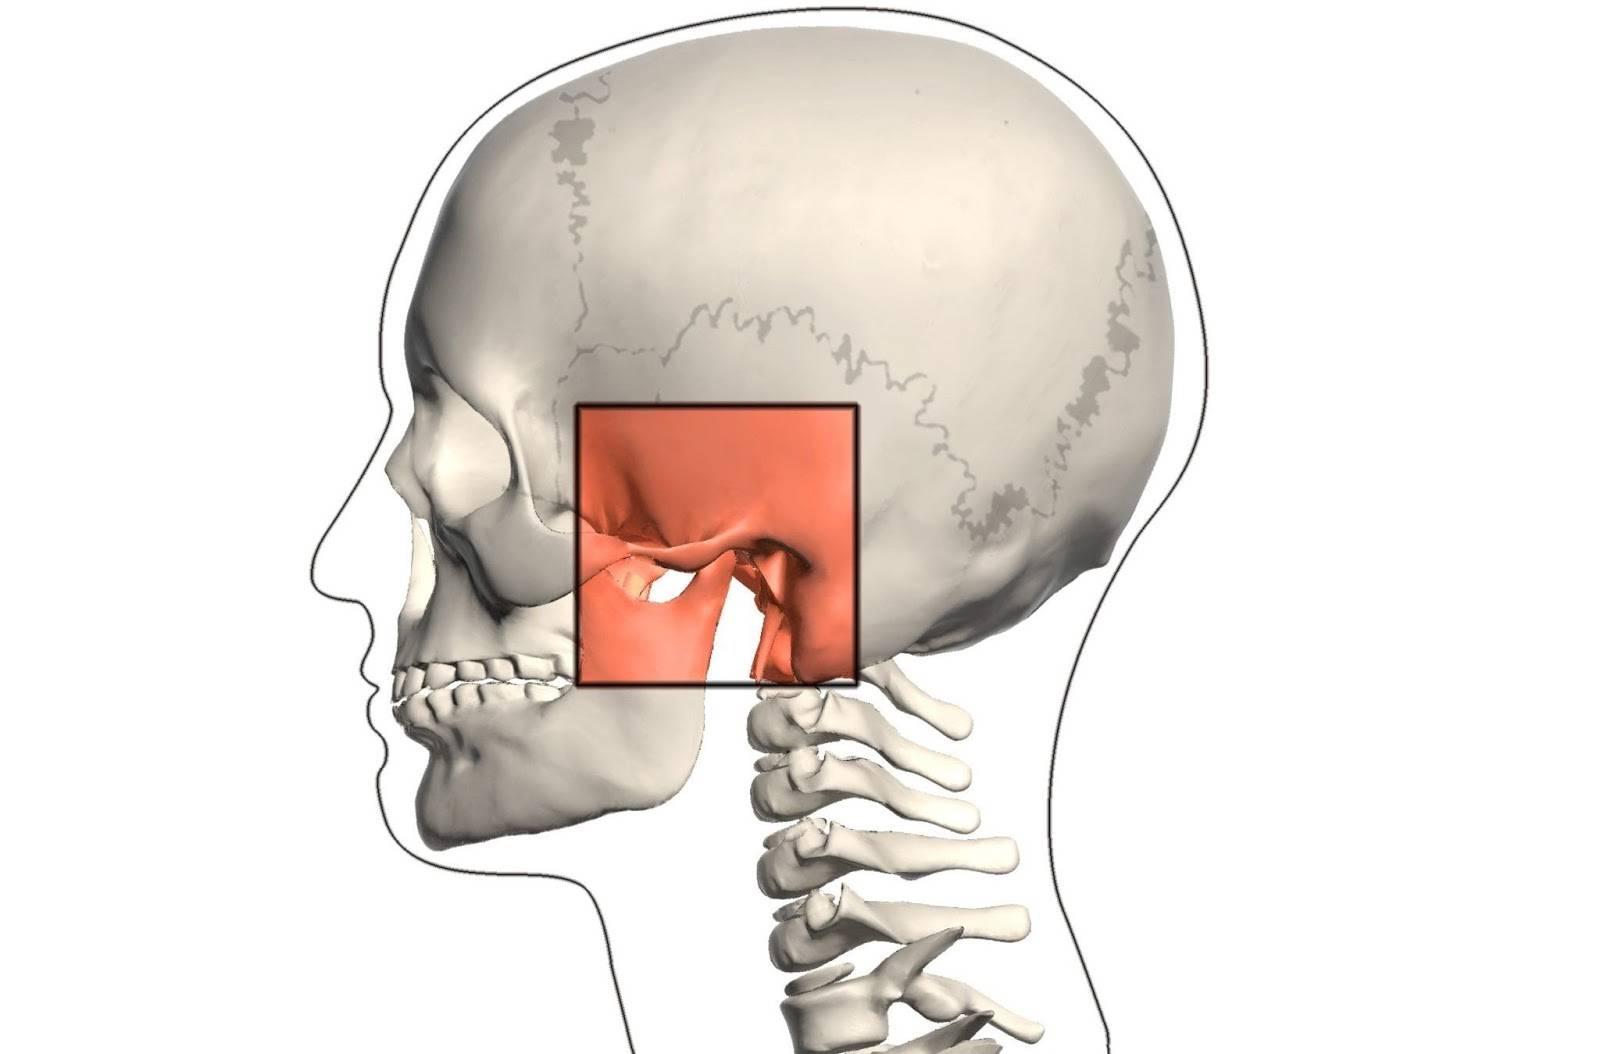 Почему сводит челюсть (скулы на лице) - 5 причин онемения | spravki1.ru